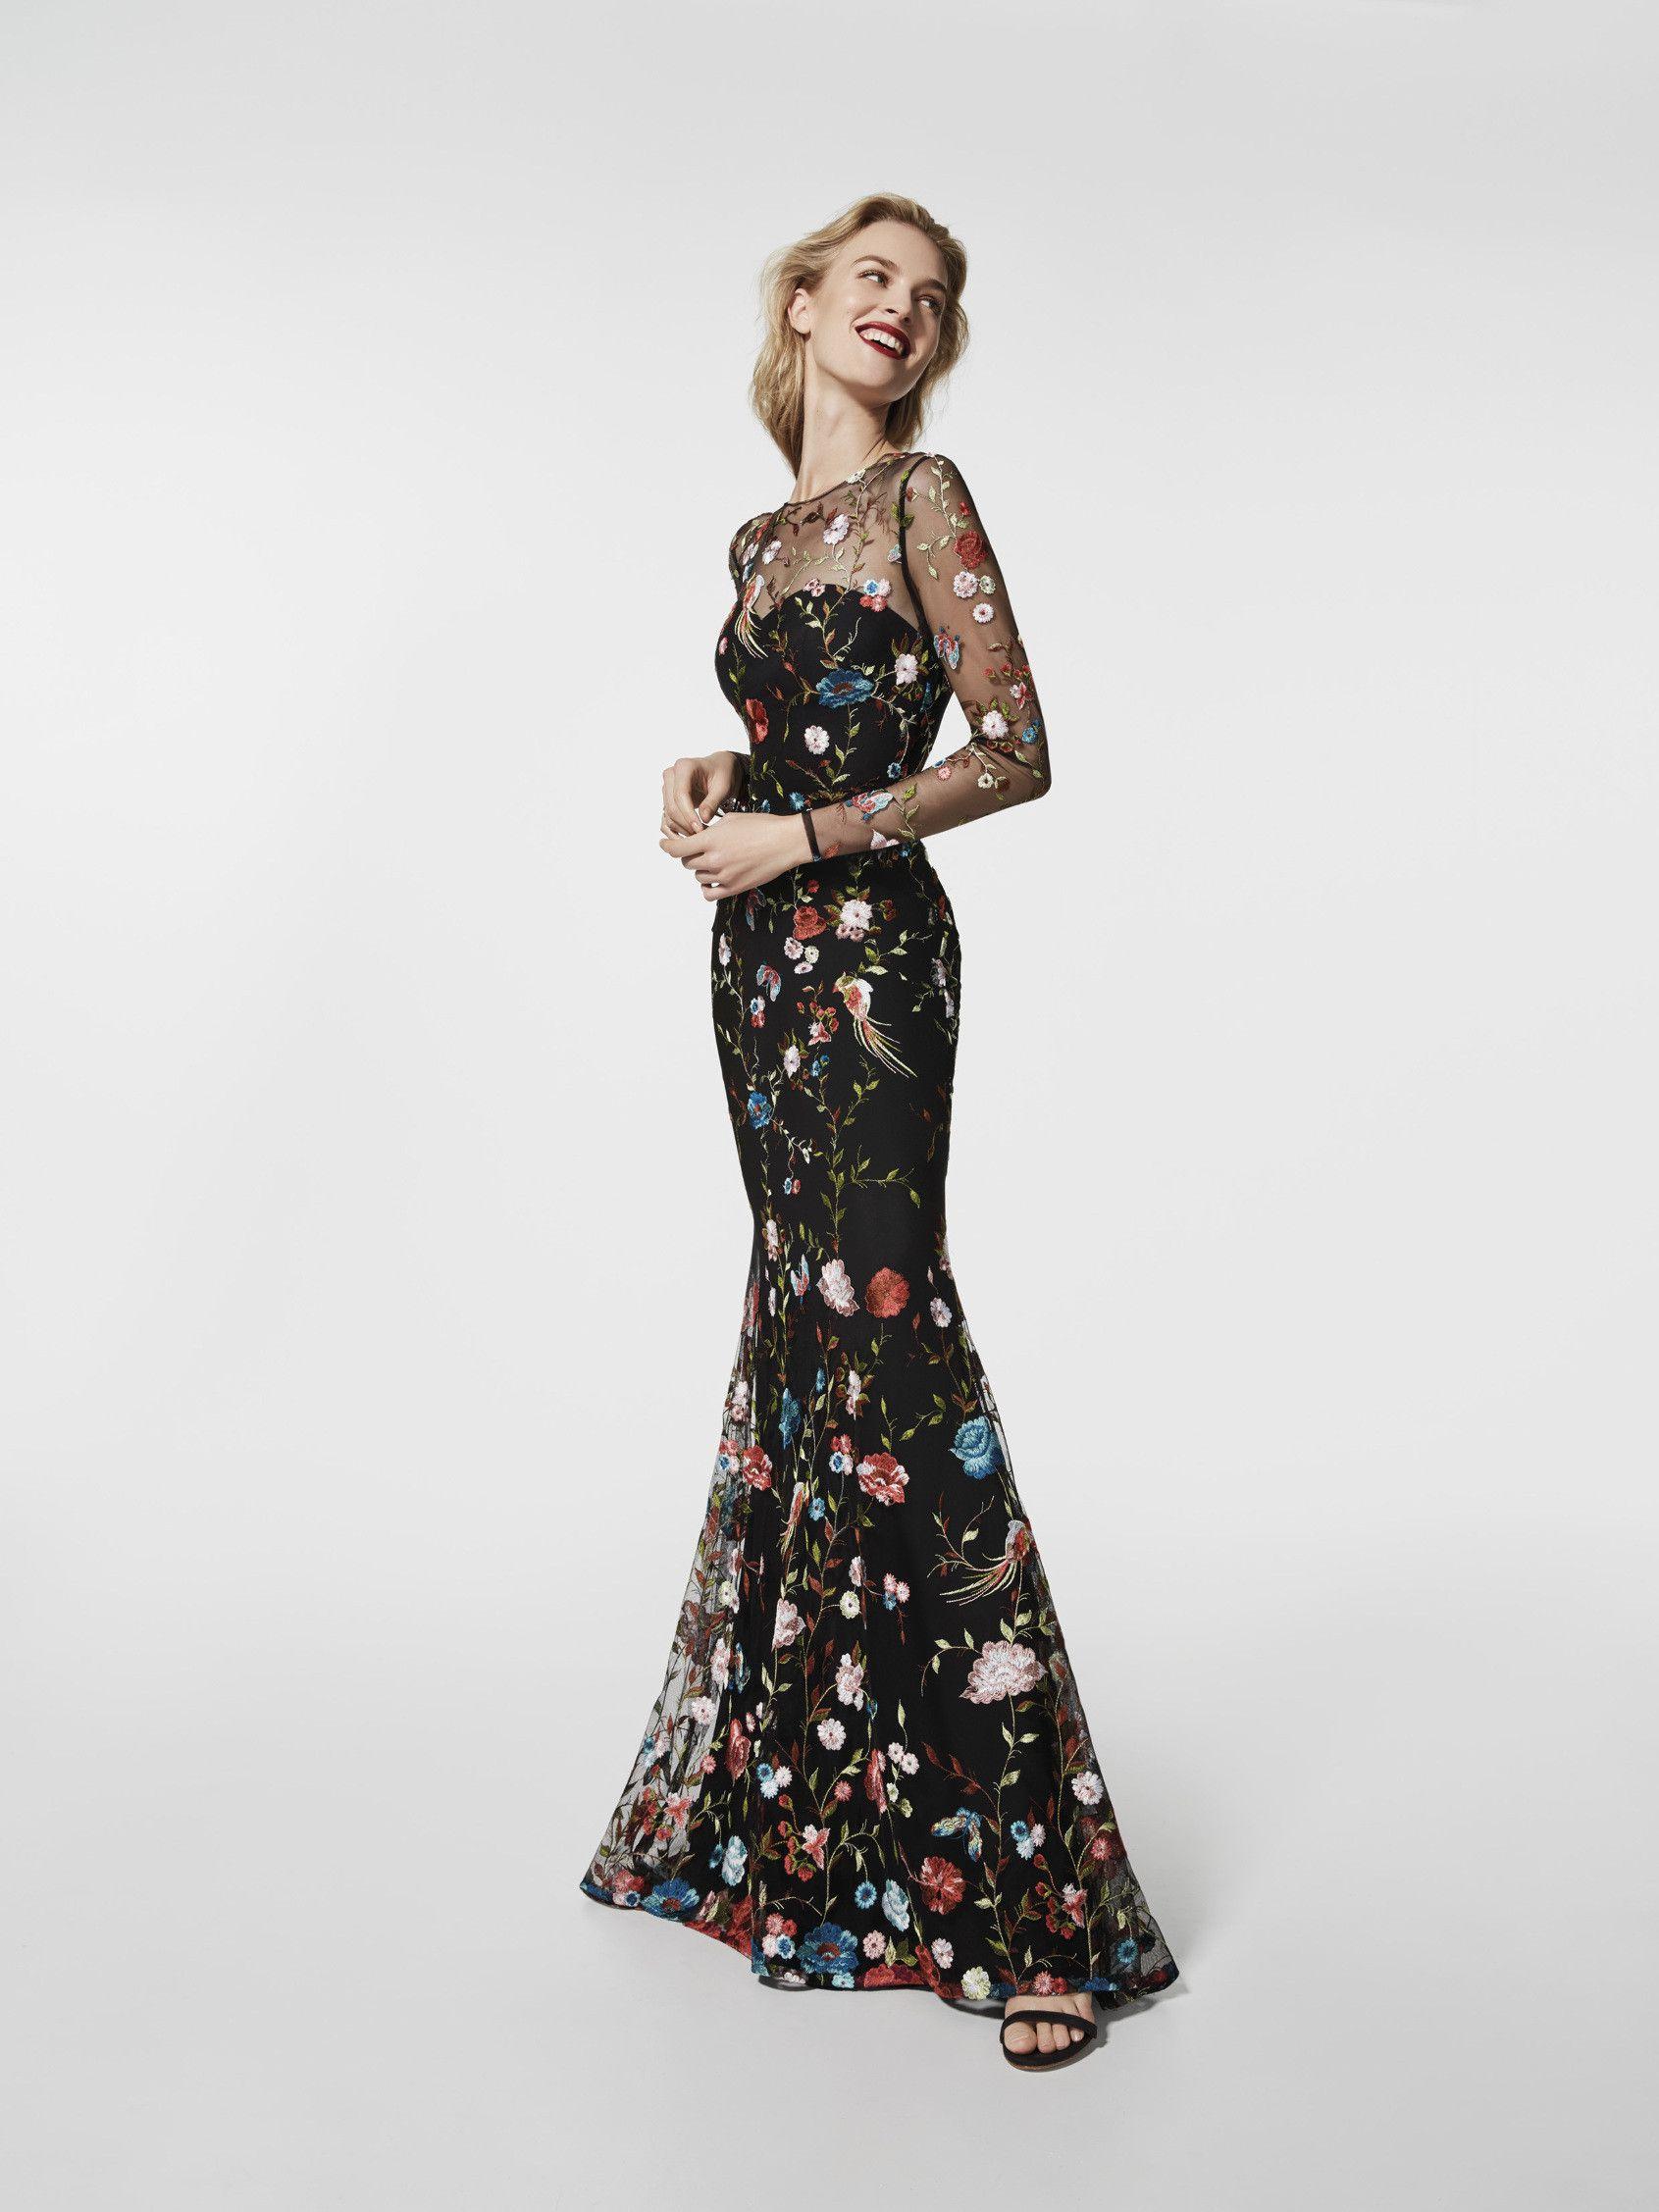 Estás buscando un vestido de fiesta? Este vestido largo de color ...